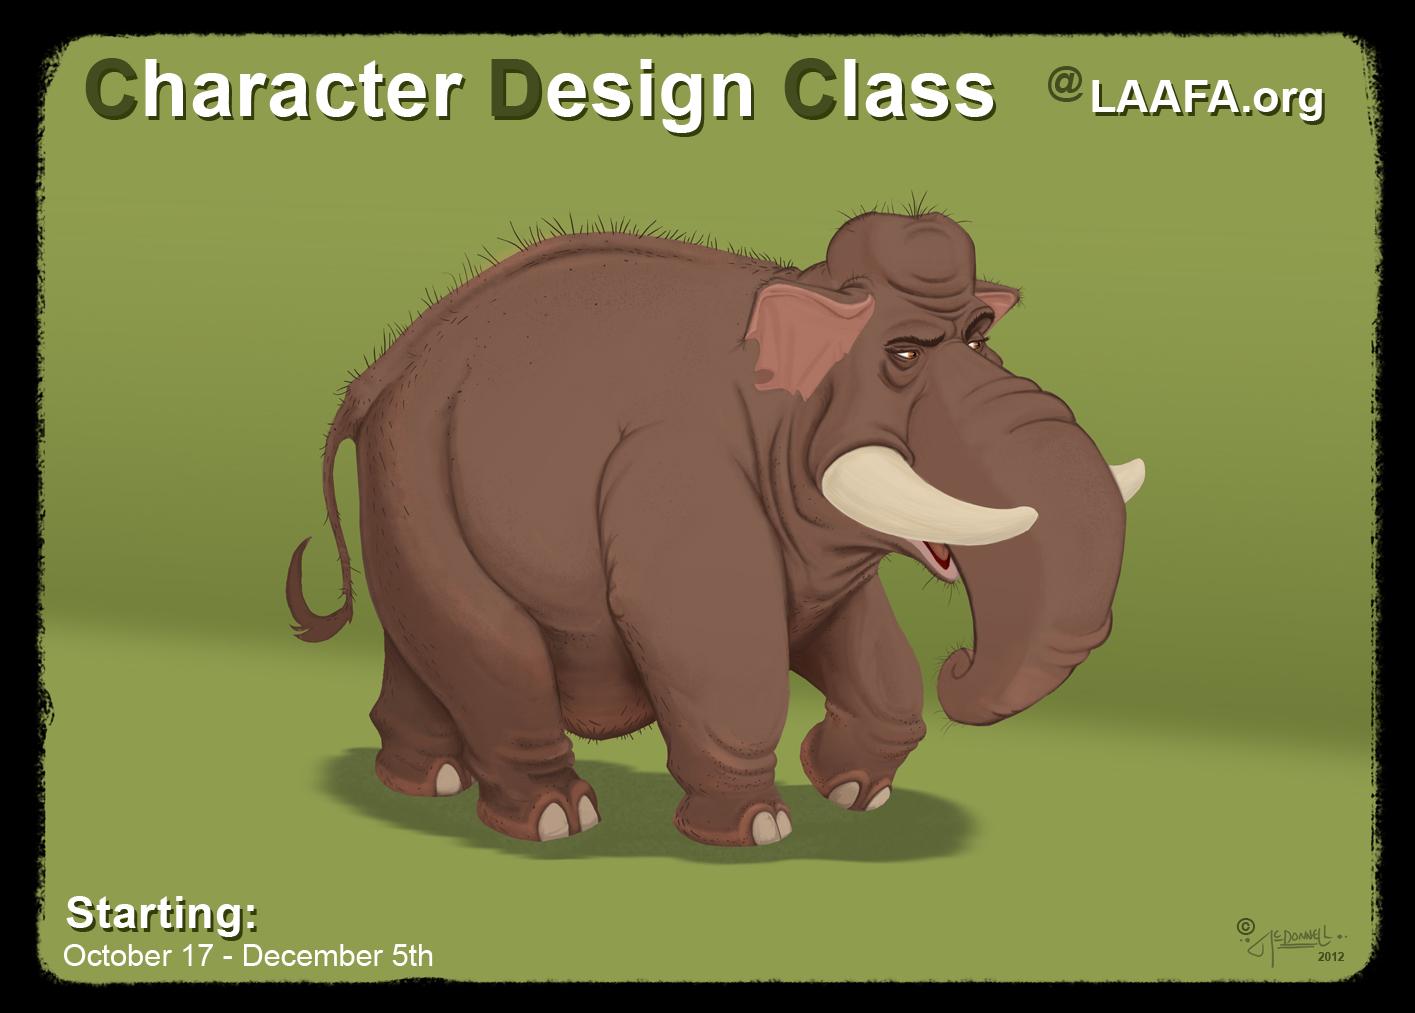 Character Design Class : Mark mcdonnell new character design class laafa starts